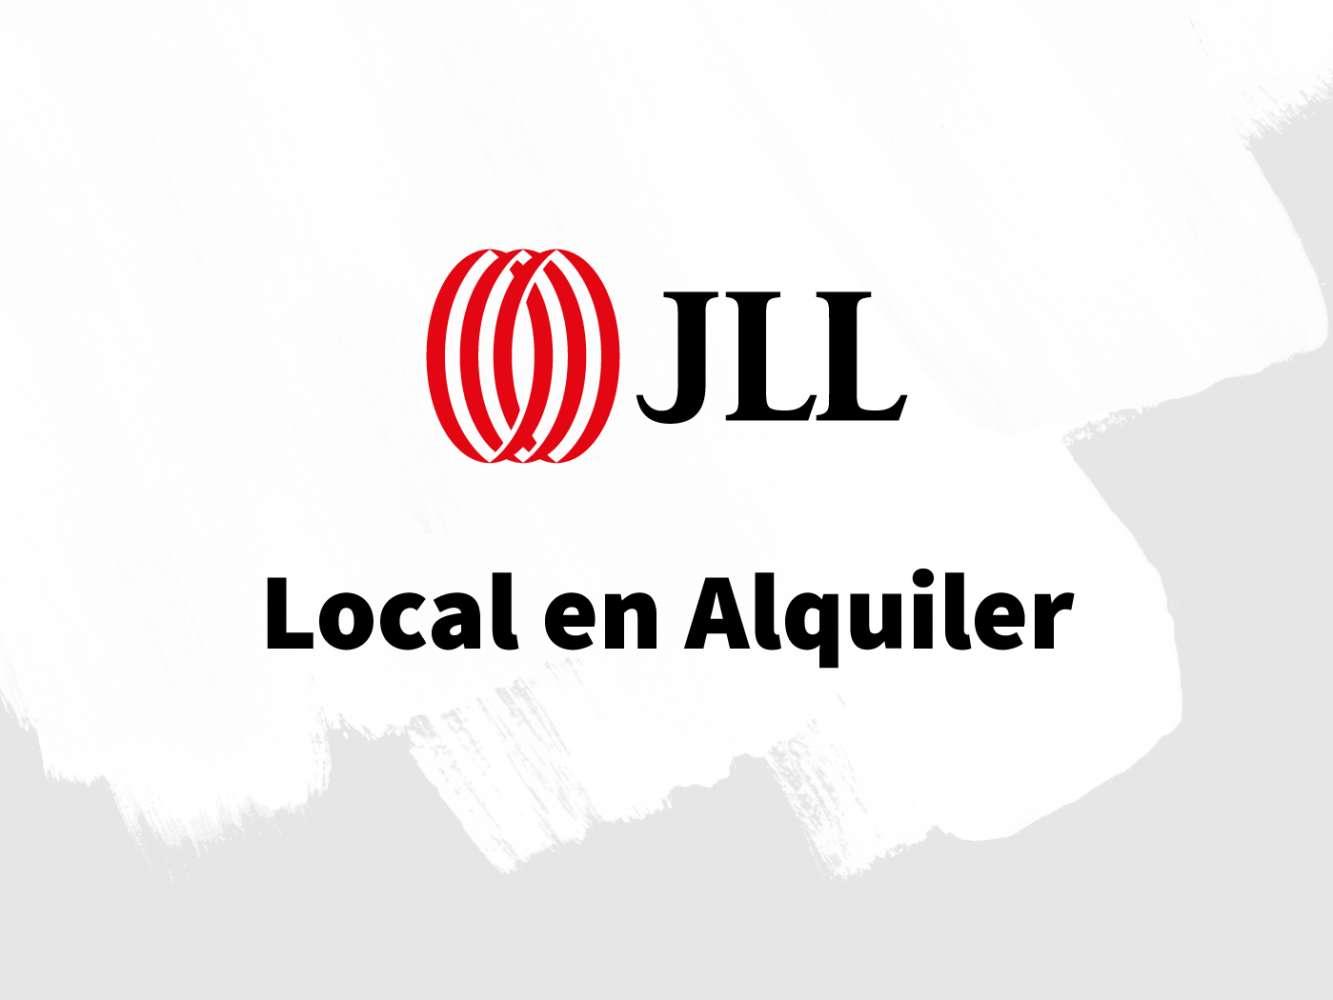 Local comercial Calella, 08370 - Local en Joan Fuster